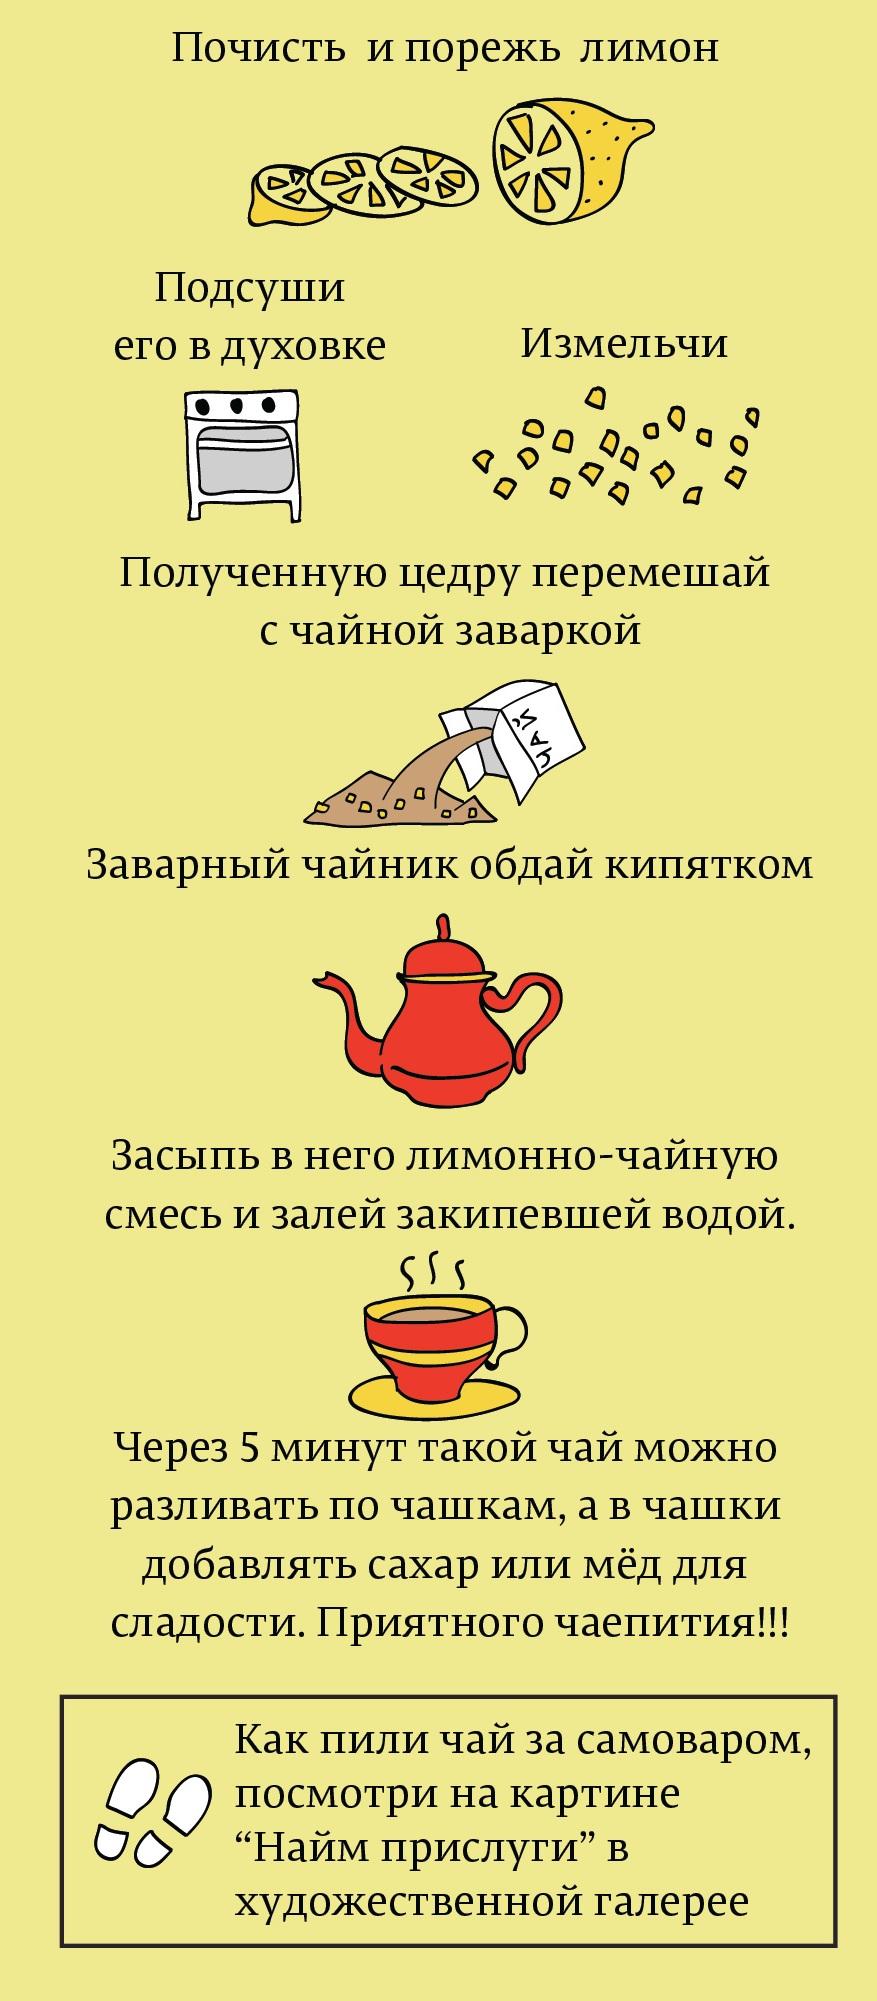 michonok_kraevedcheskiy-02-02